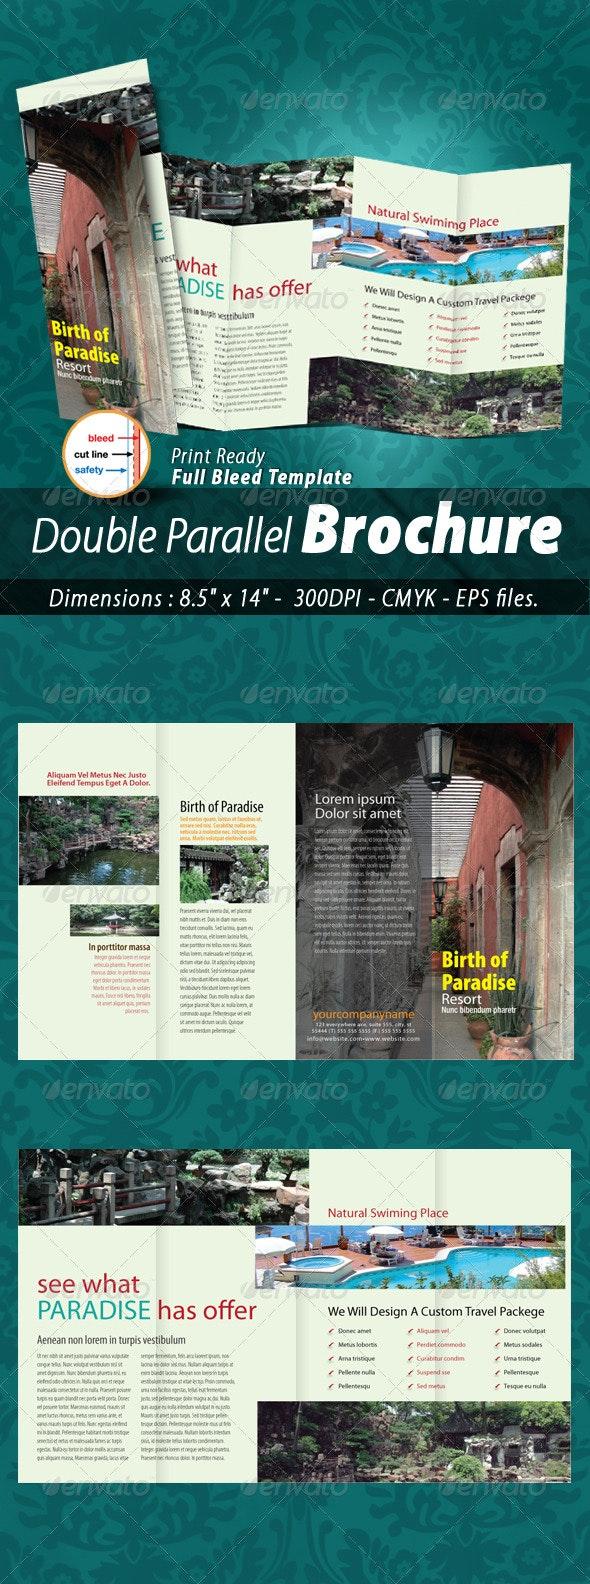 Hotel & Resort Double Parallel Brochure - Corporate Brochures